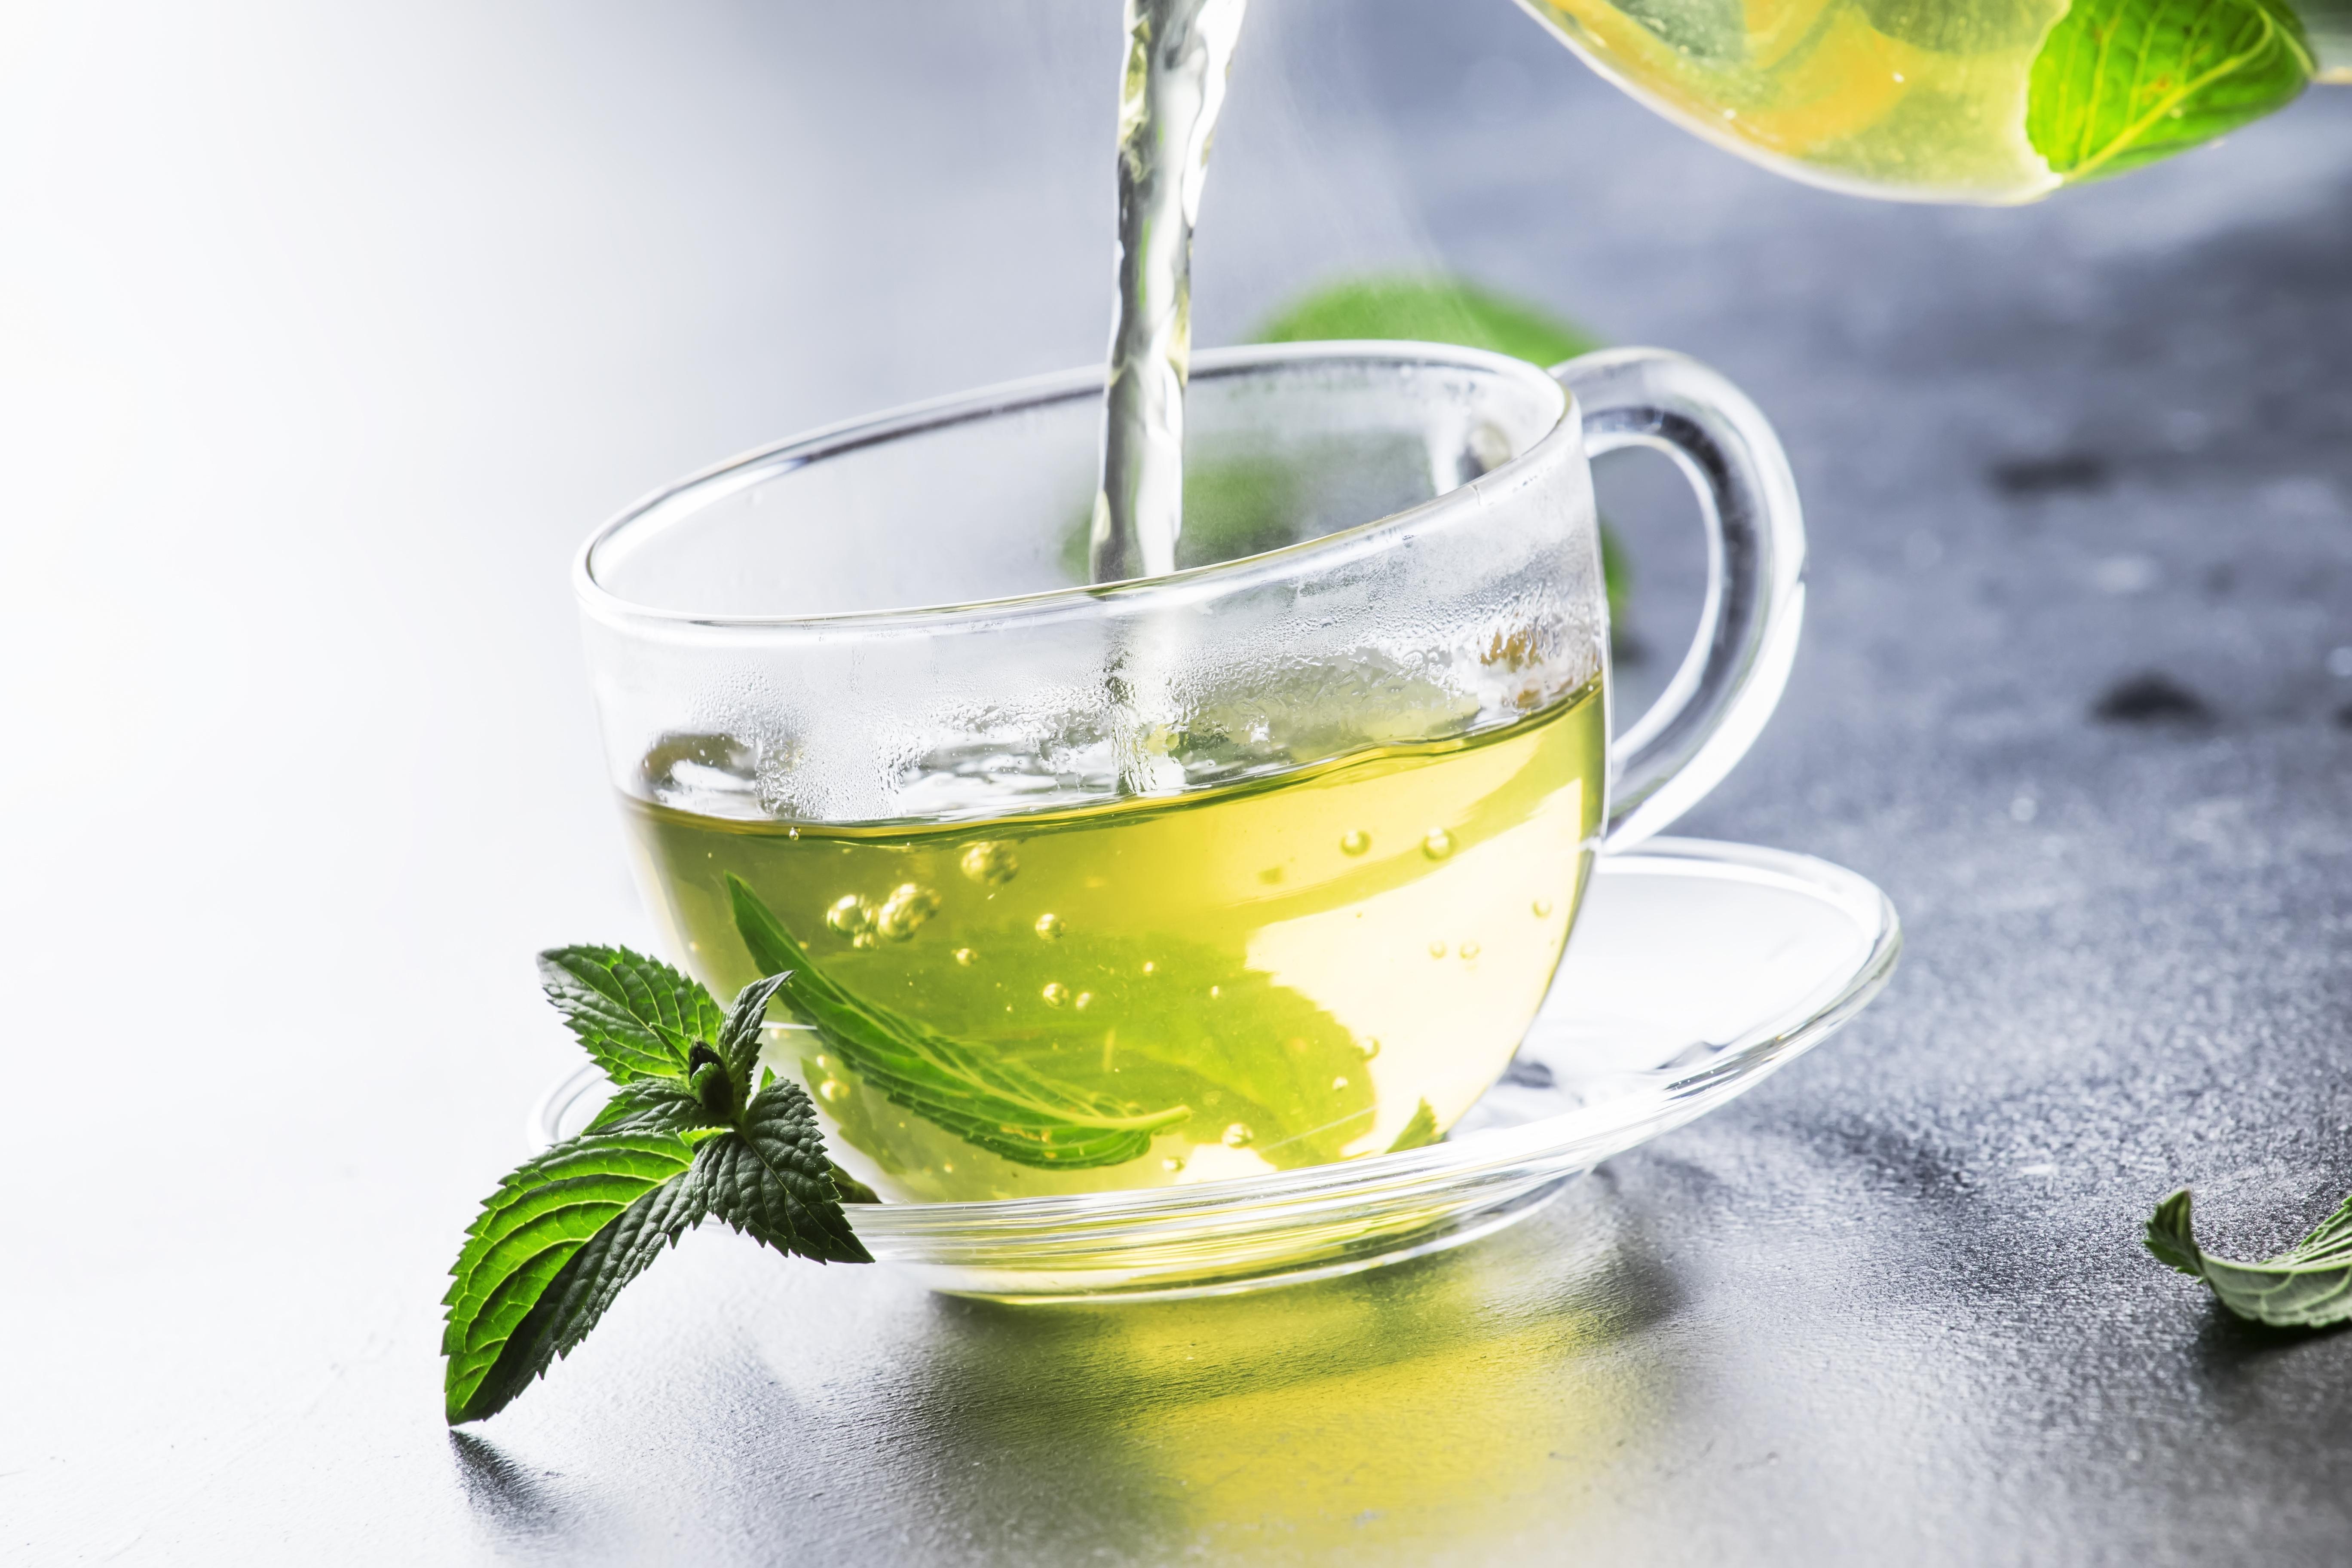 Les buveurs de thé vert vivent plus longtemps et en meilleure santé